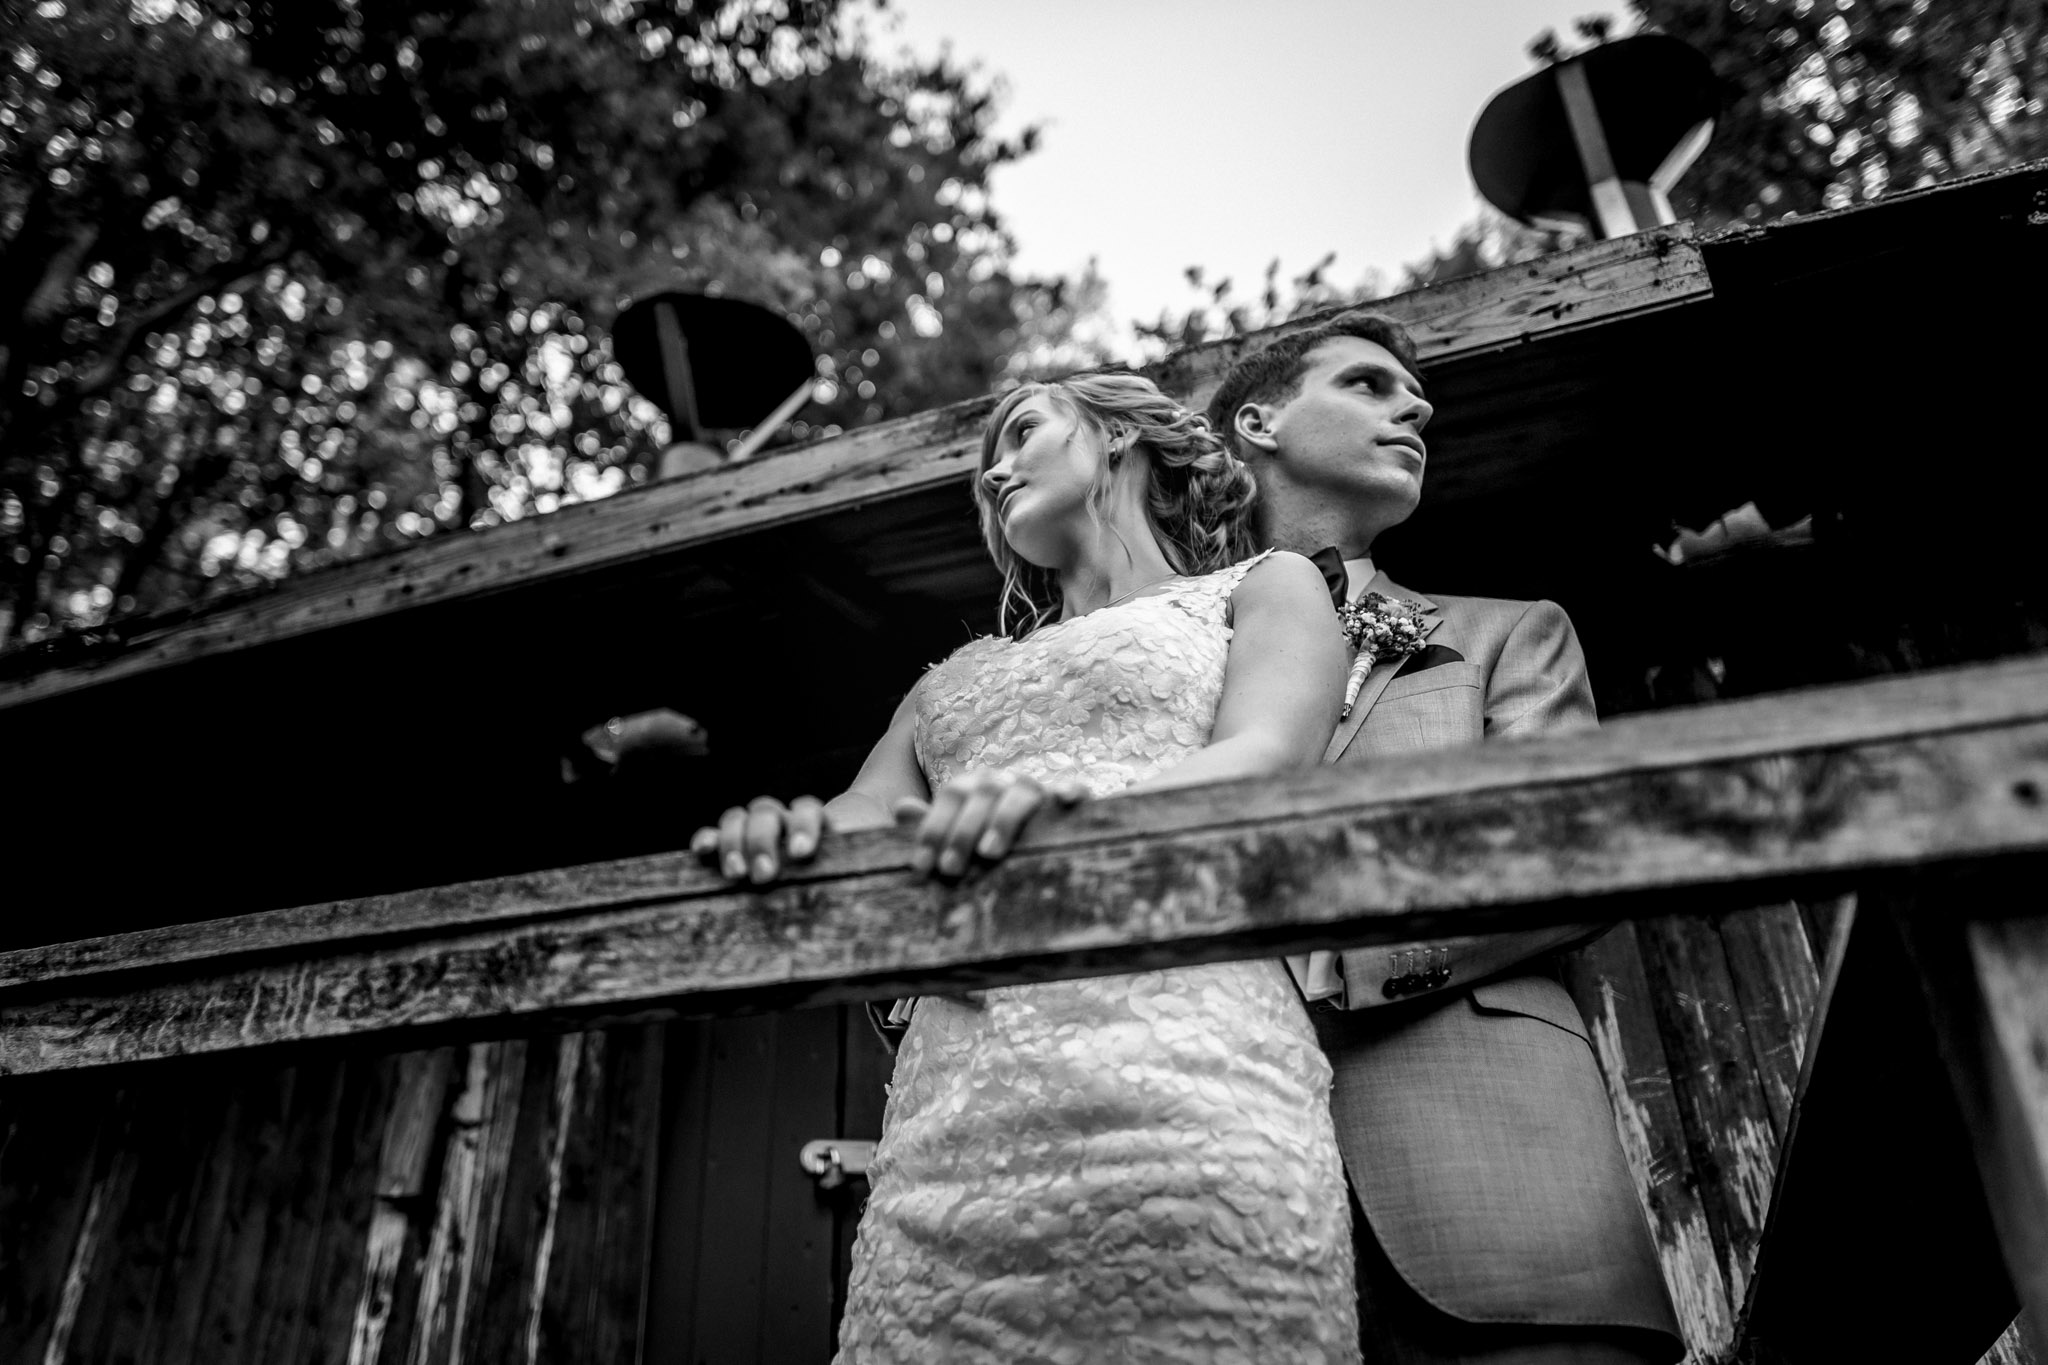 Sven Schomburg Hochzeitsfotografie, Hamburg, Mölln, Hochzeitsfieber by Photo-Schomburg, Hochzeitsreportage, Forsthaus Waldhusen, Braut, Bräutigam-78